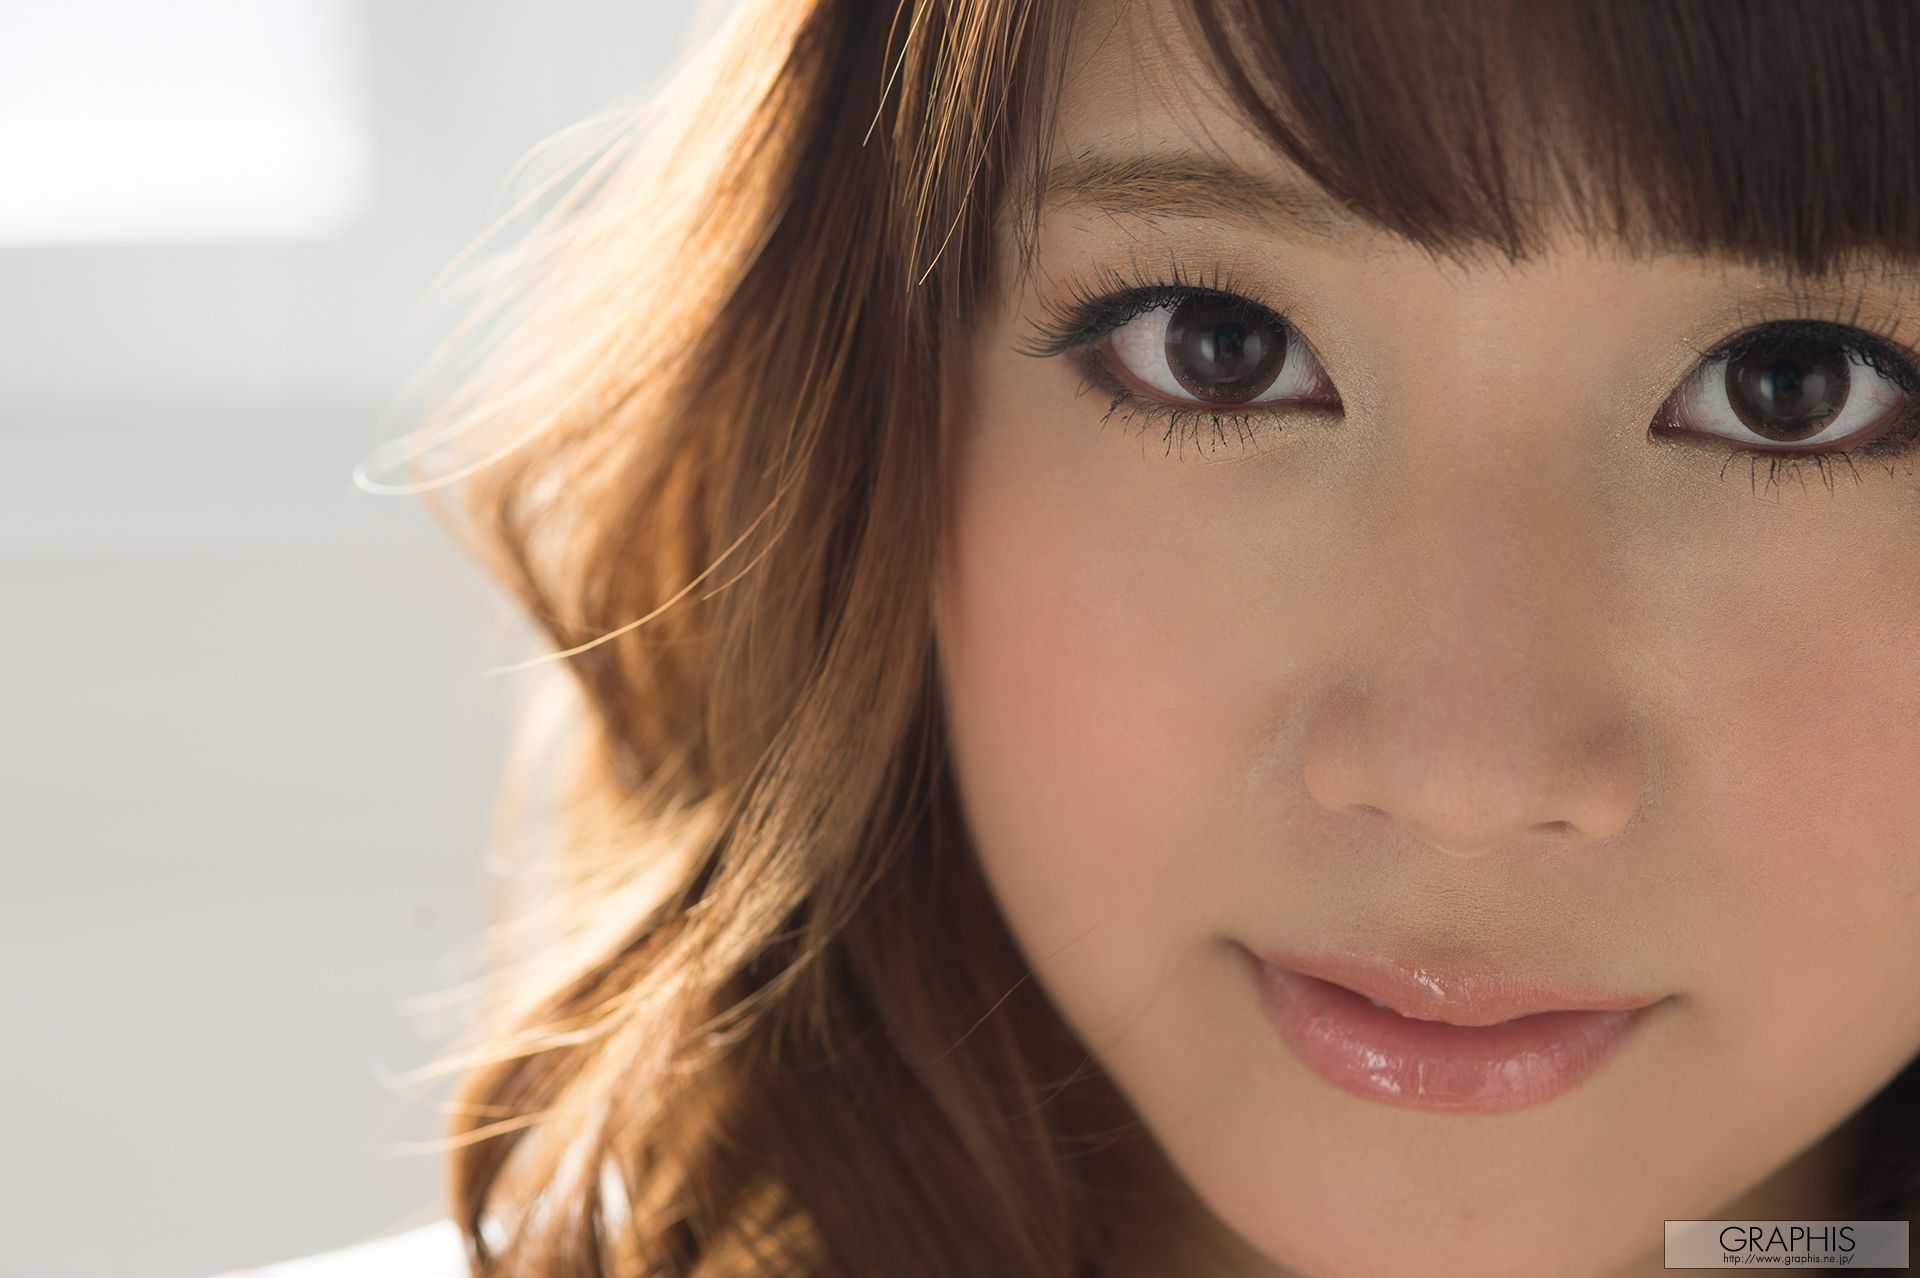 gra_minami-h060.jpg